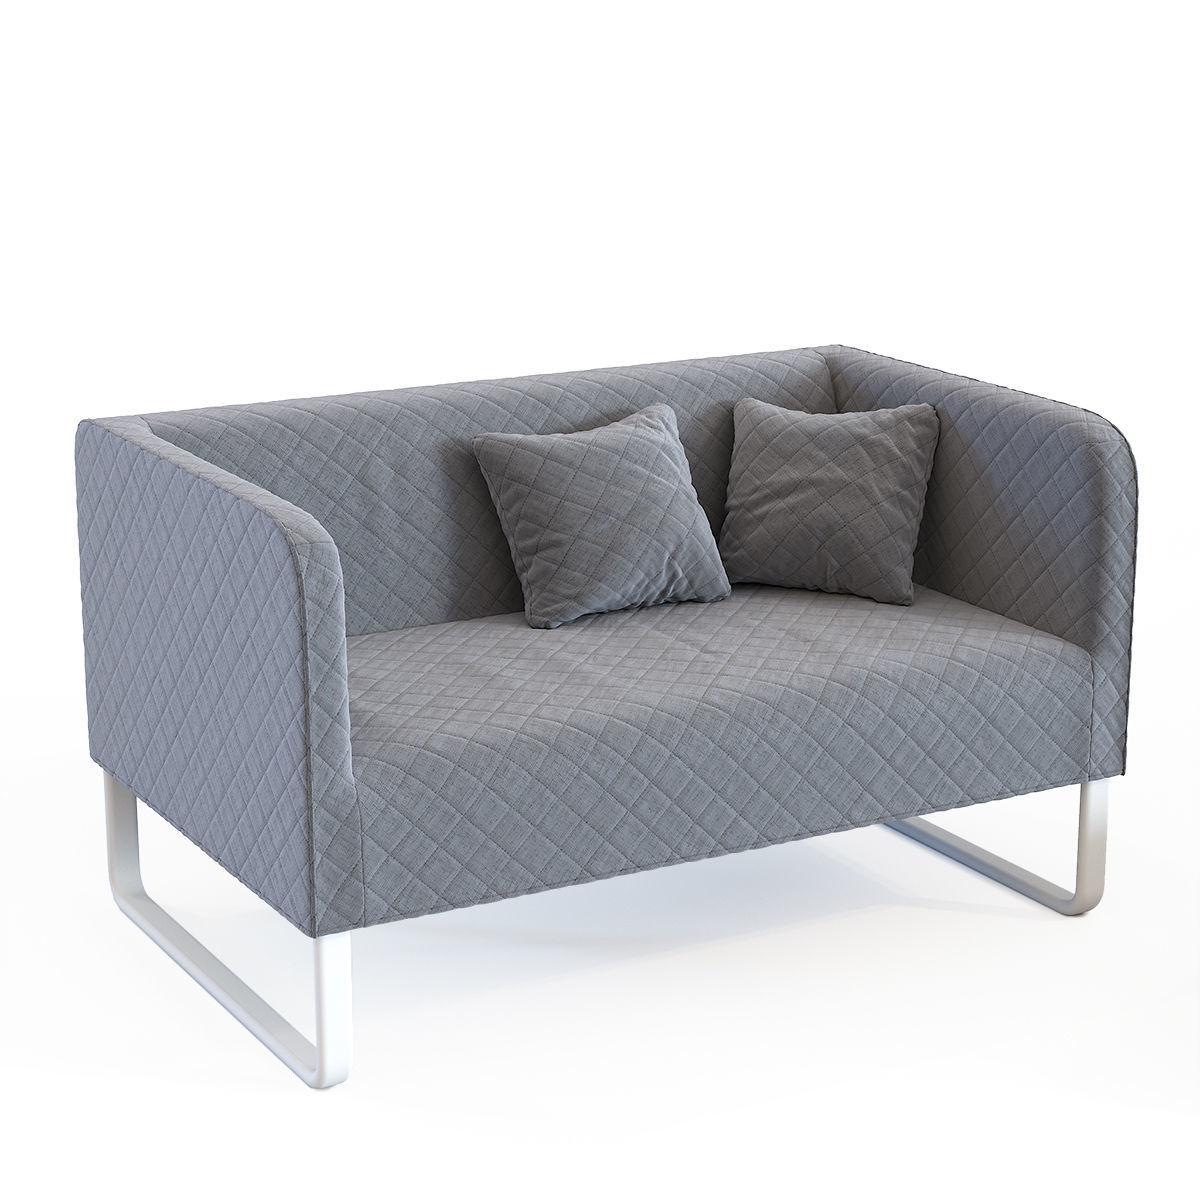 Ikea Knopparp Sofa Cgtrader